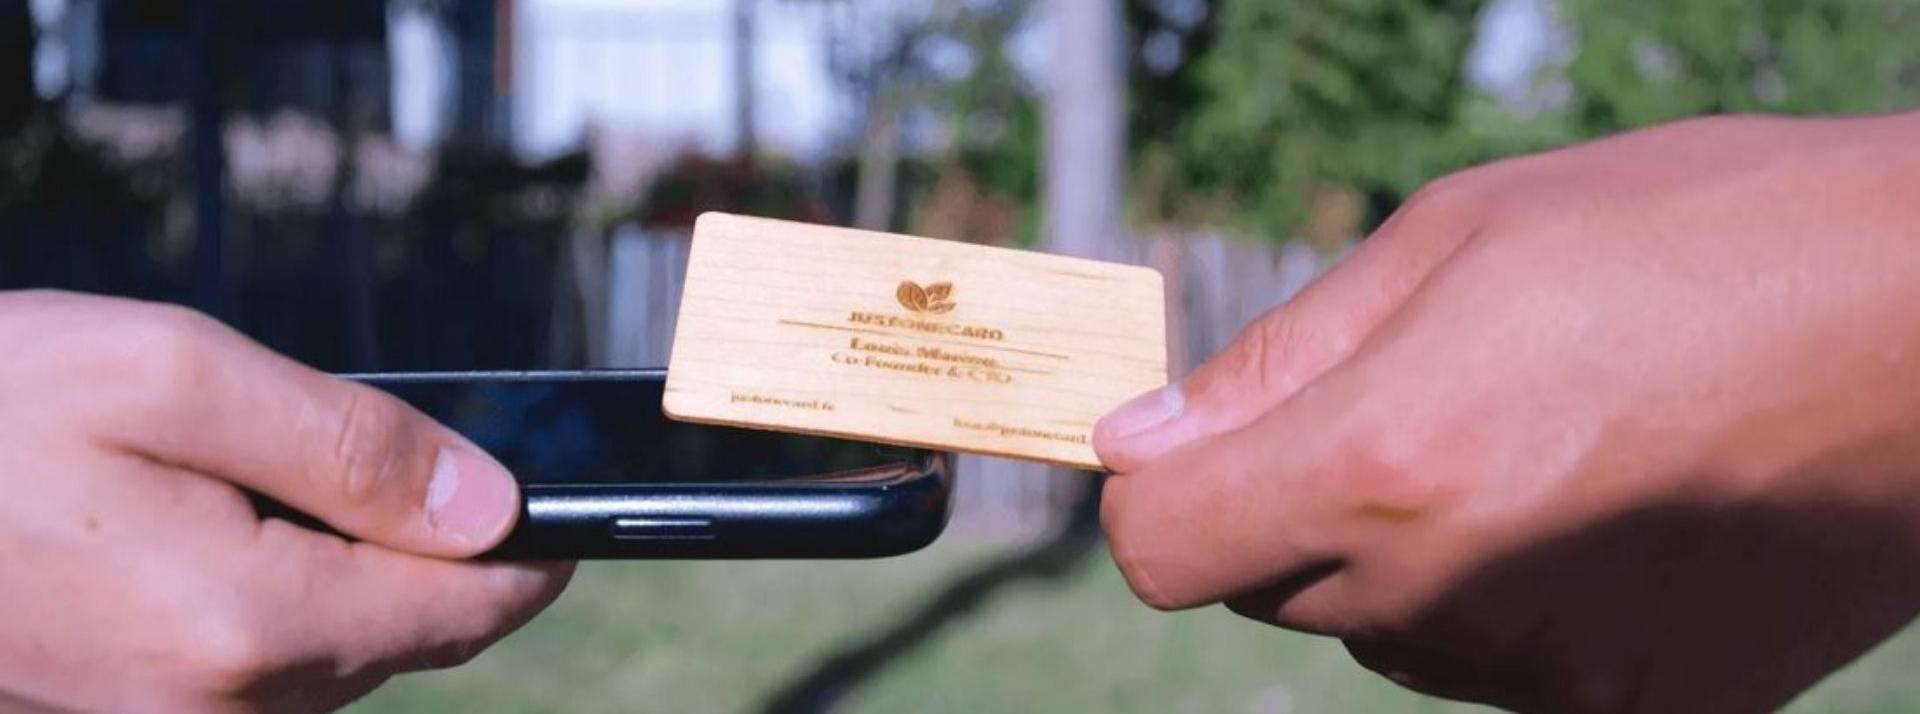 carte de visiste en bois au dessus d'un smartphone